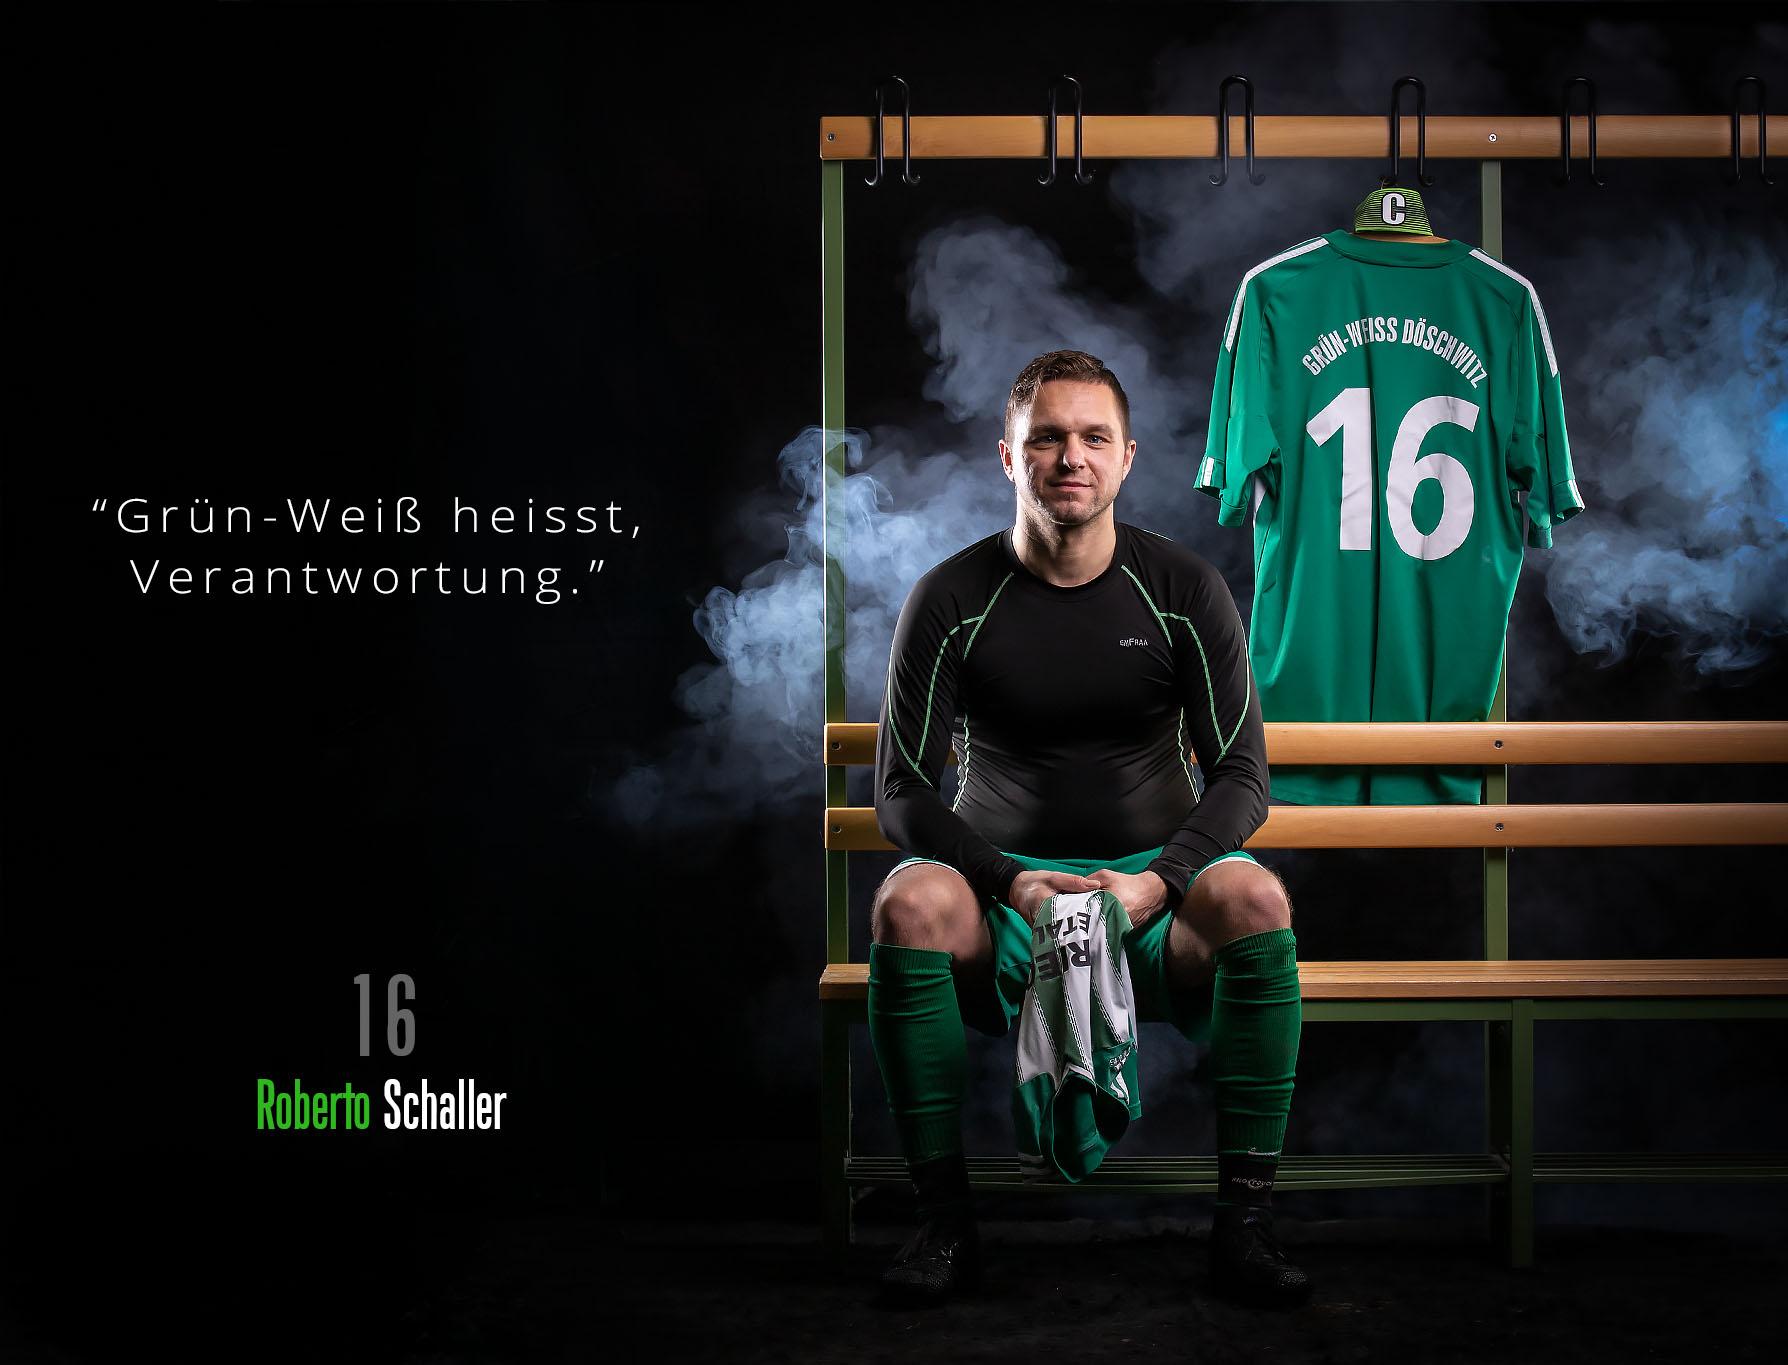 roberto-schaller-web